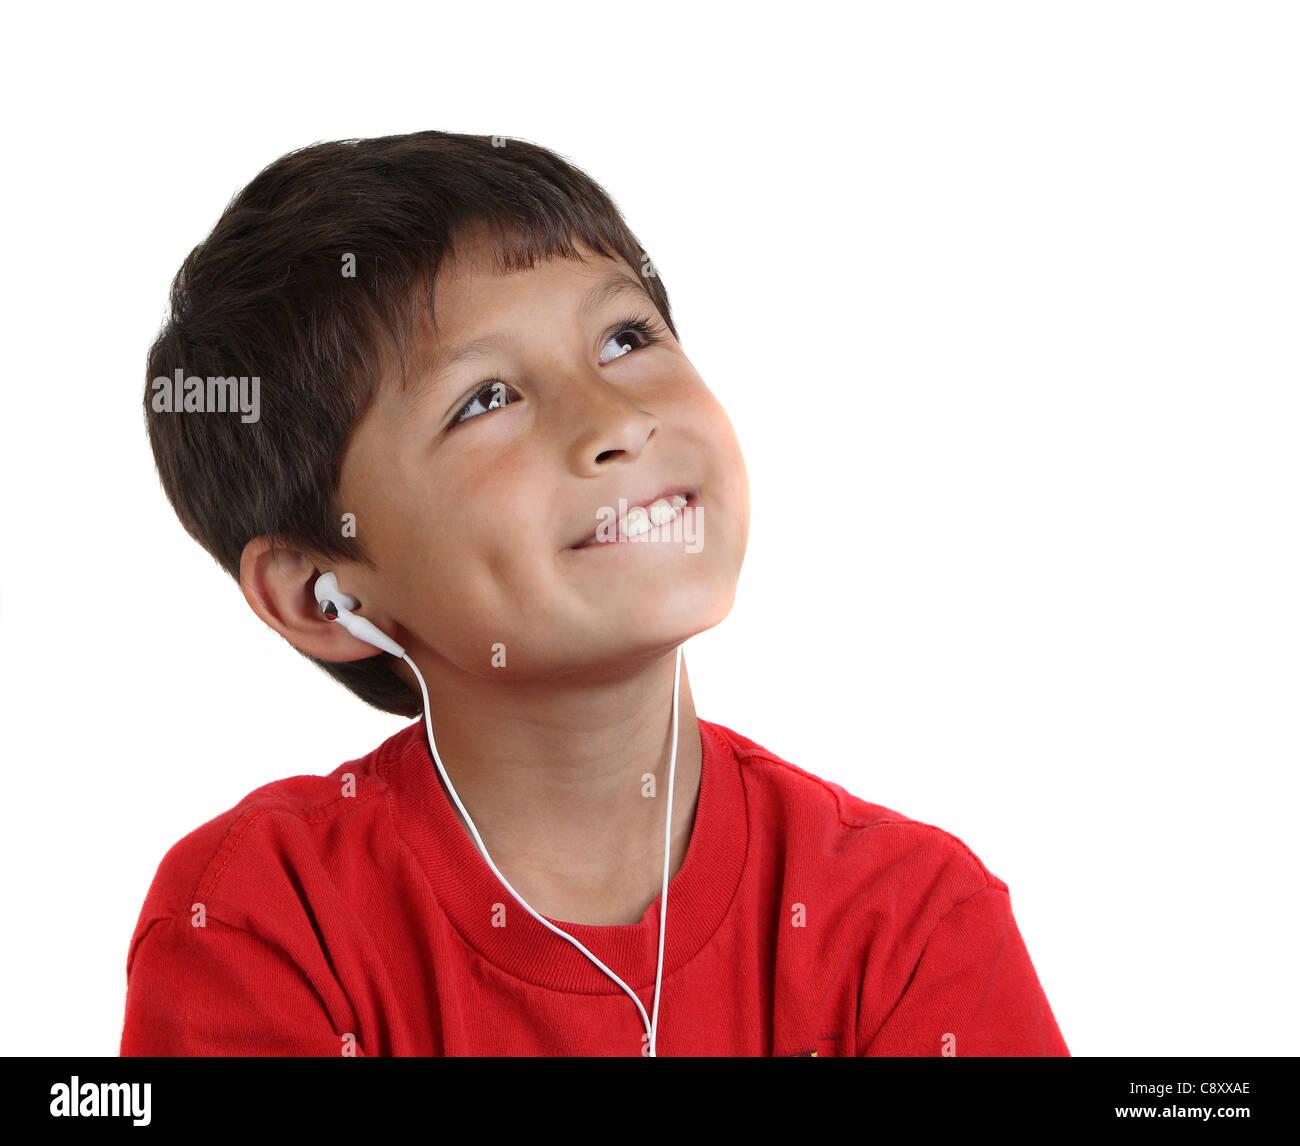 Lächelnde glückliche junge mit Kopfhörer auf weißem Hintergrund mit textfreiraum nach rechts Stockbild